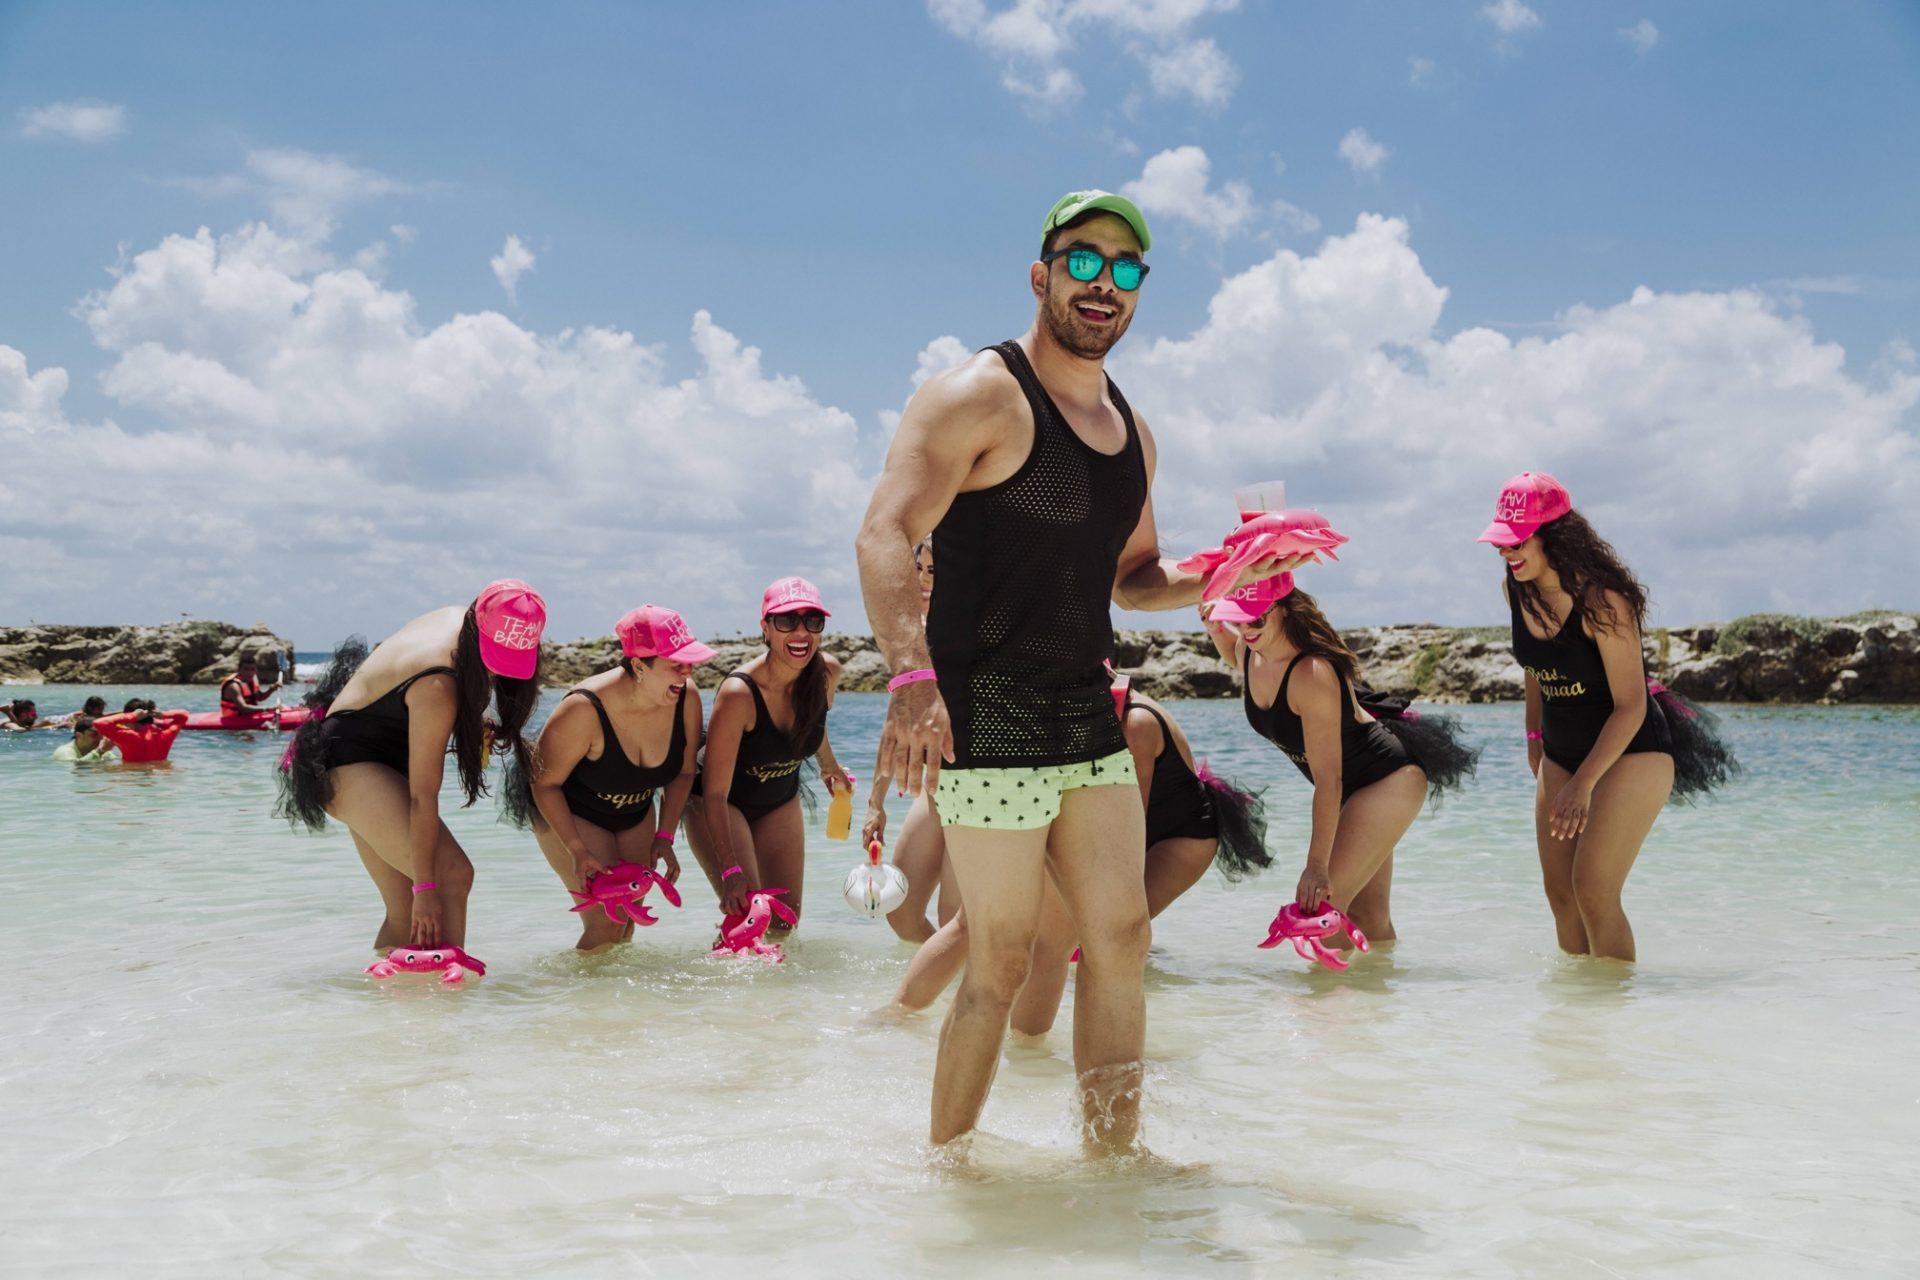 fotografo_bodas_profesional_zacatecas_riviera_maya_cancun-169